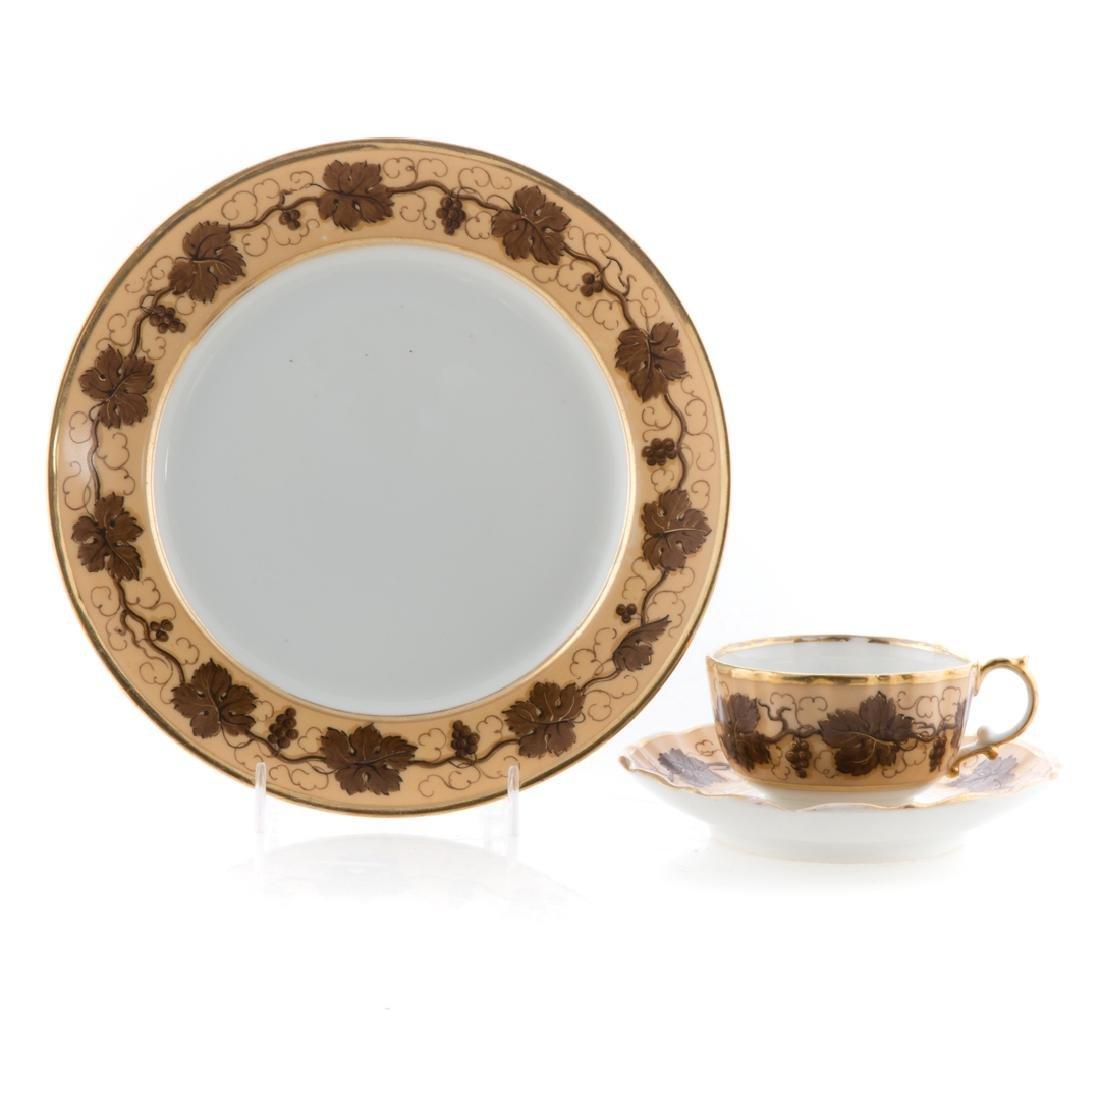 23 Pochet D' a Paris porcelain table articles